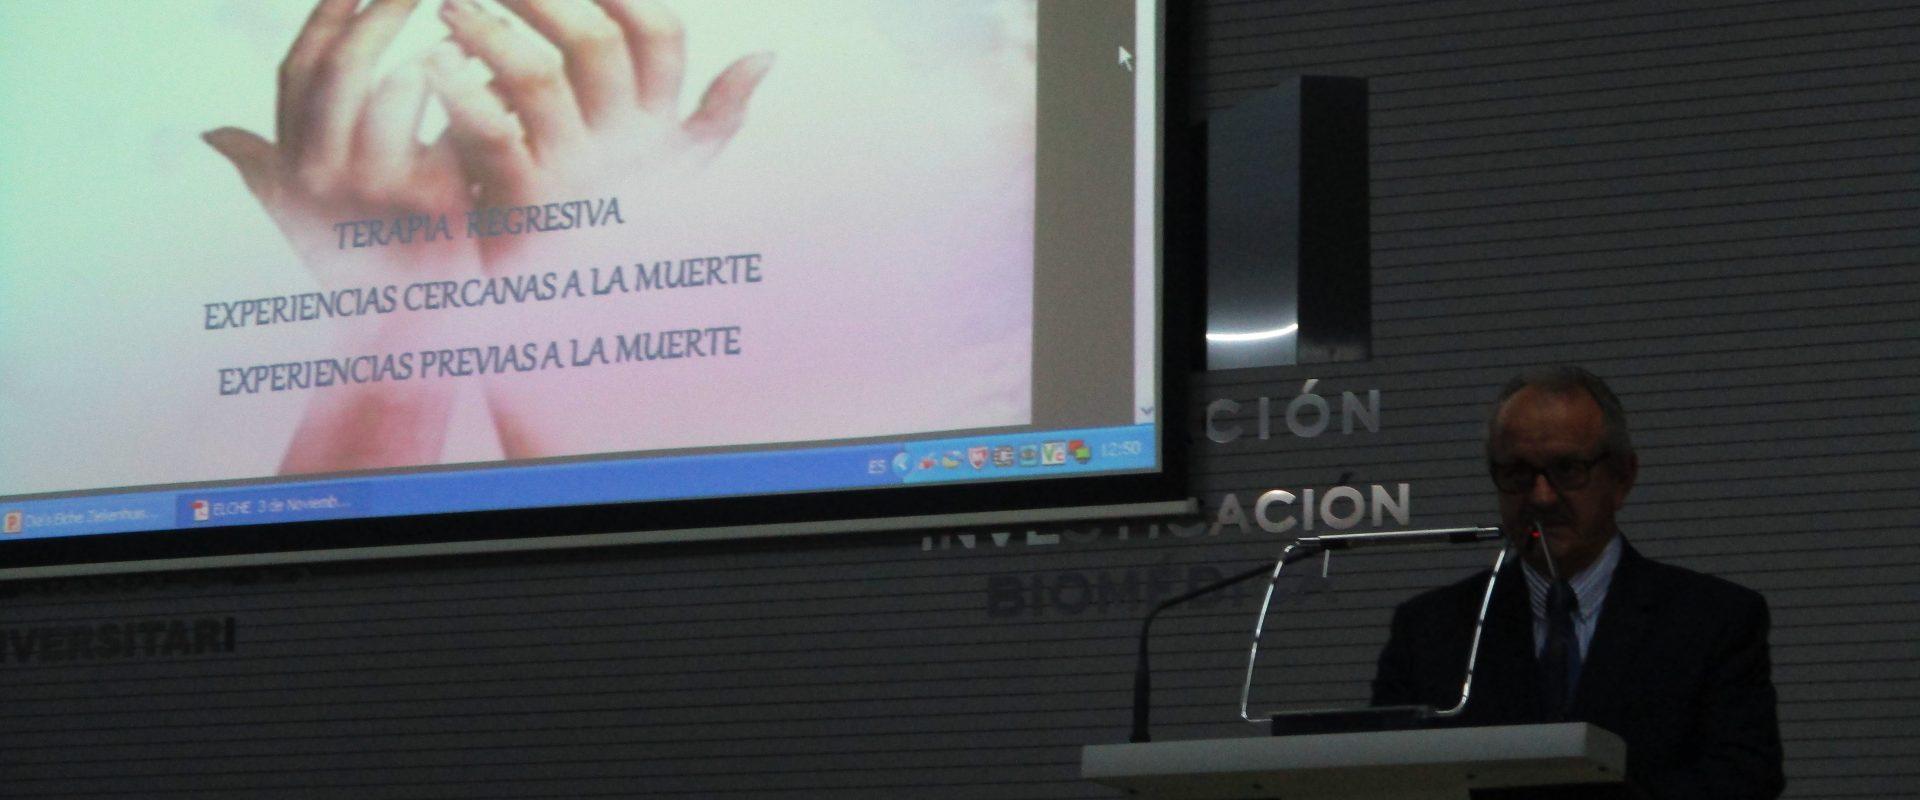 JUan José López-Hospital Elche 2016